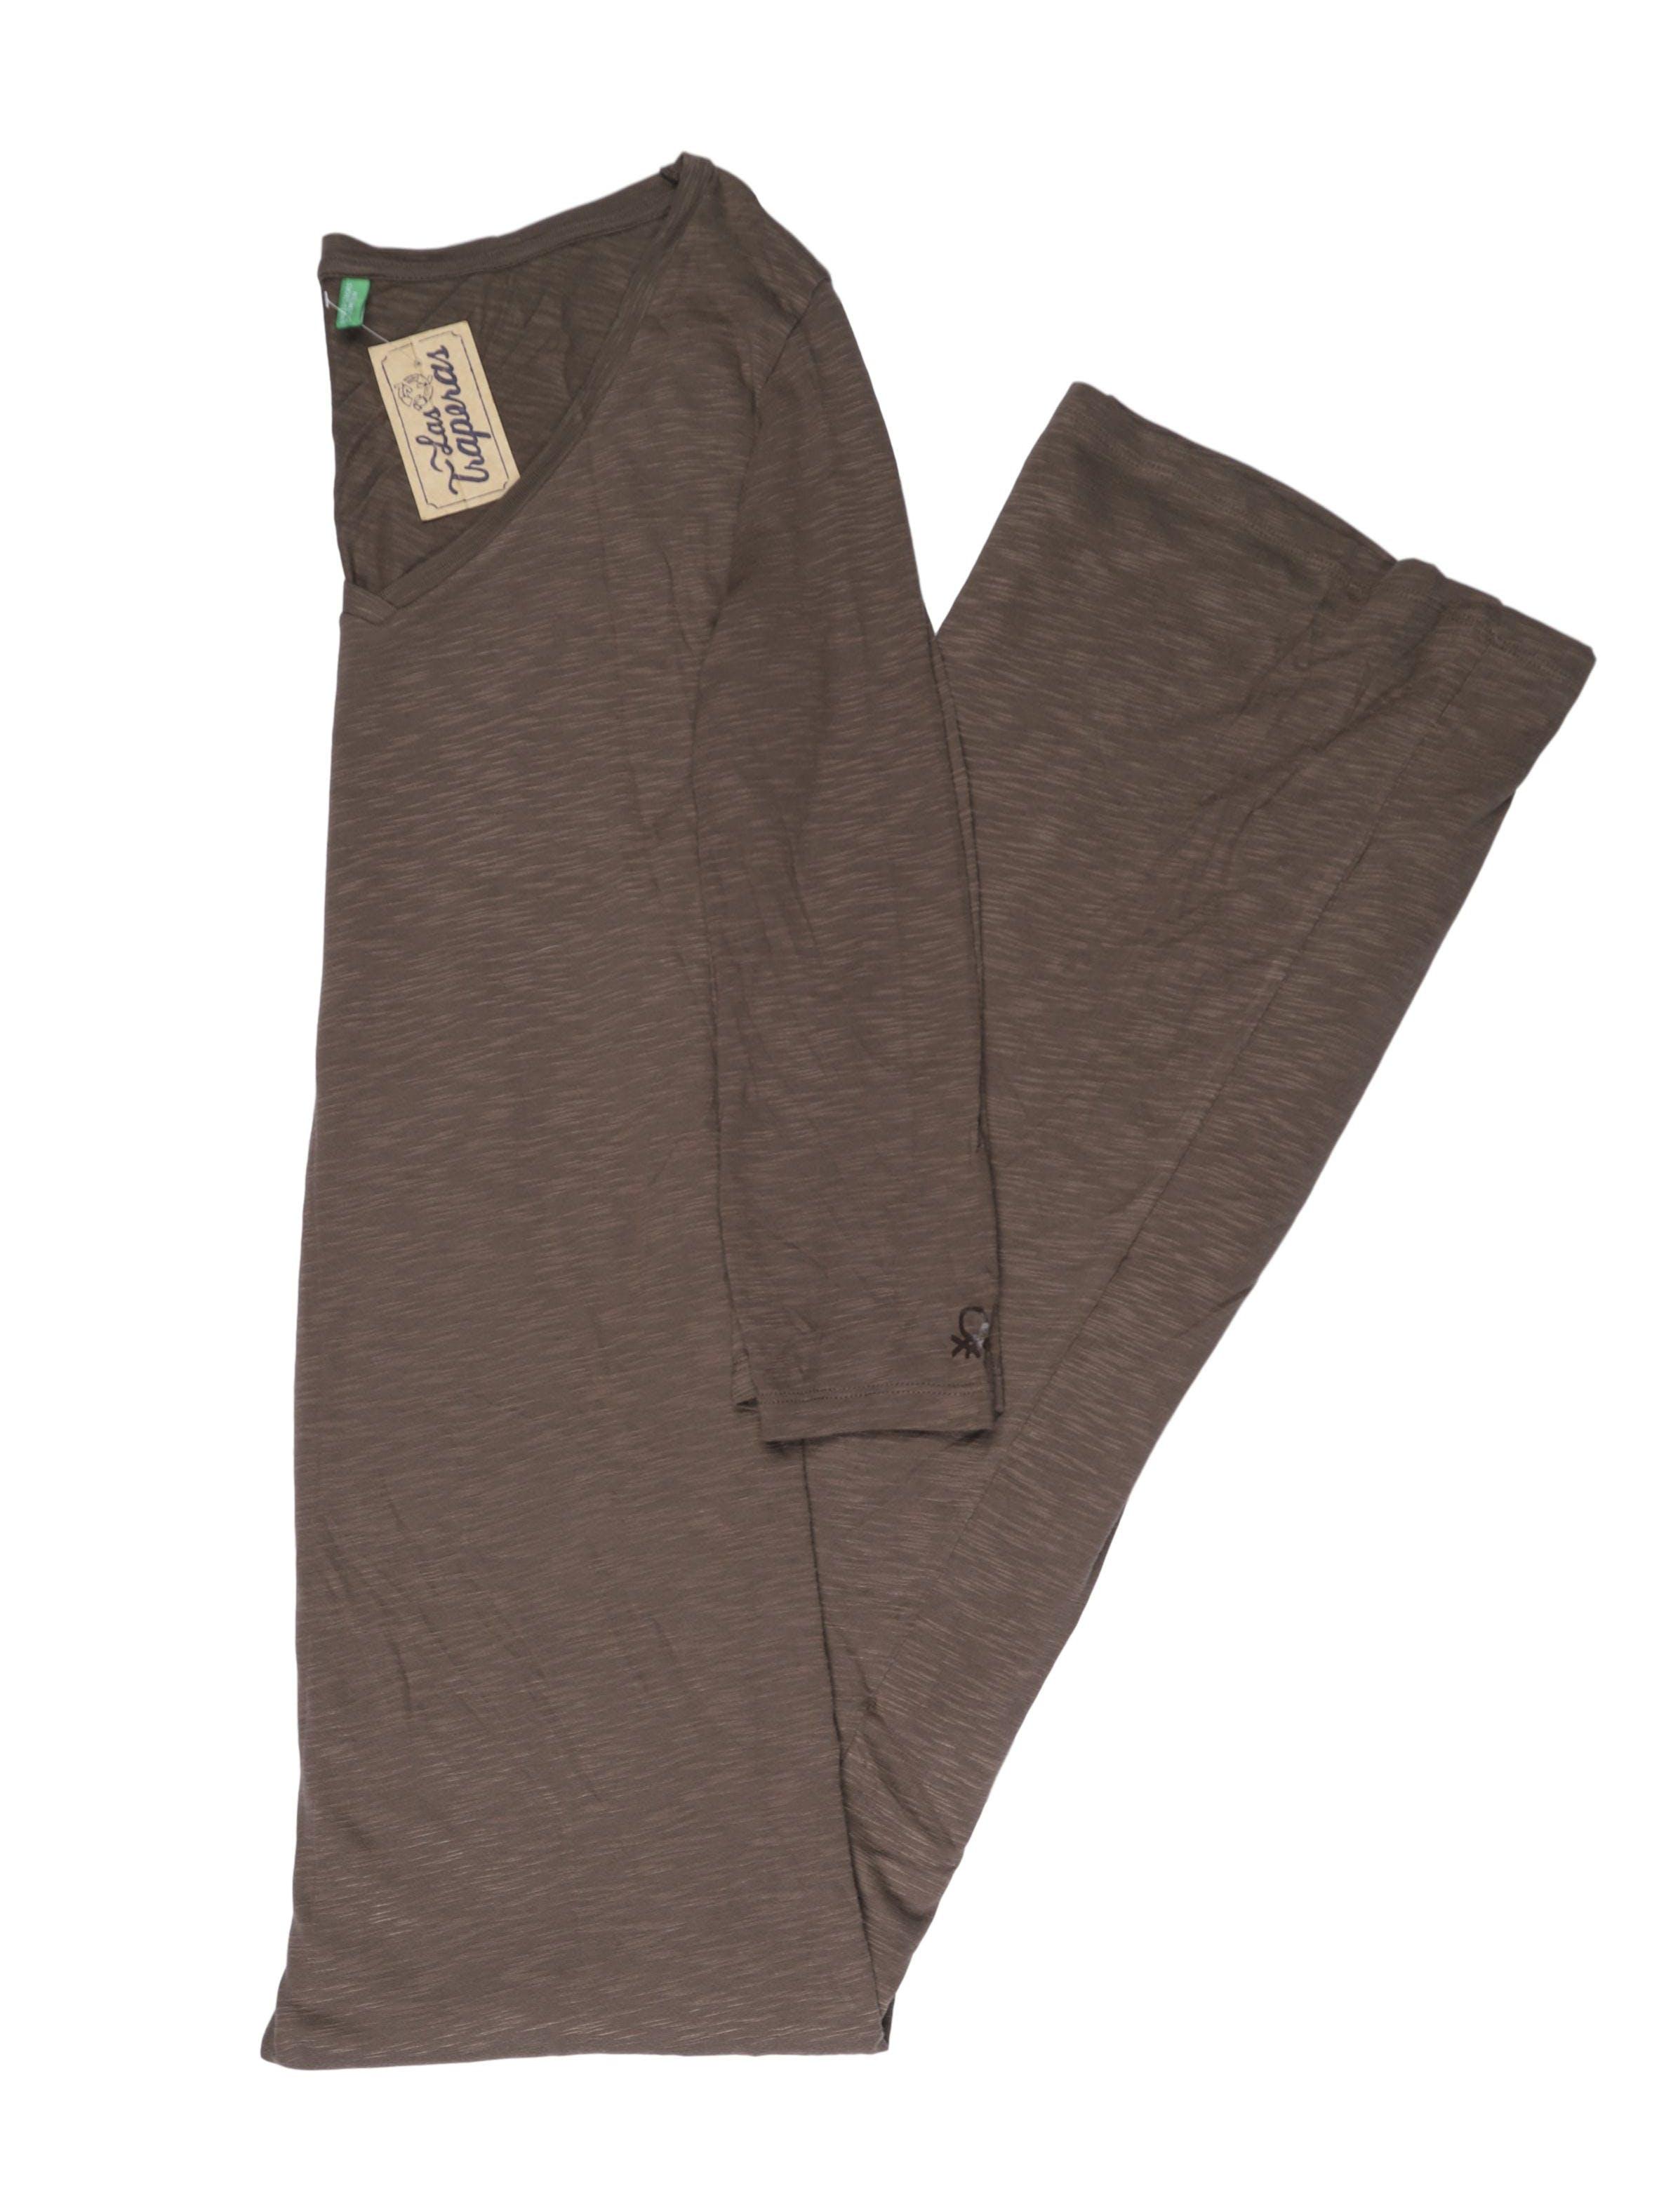 Vestido largo Benetton tipo algodón, escote en V y mangas 3/4